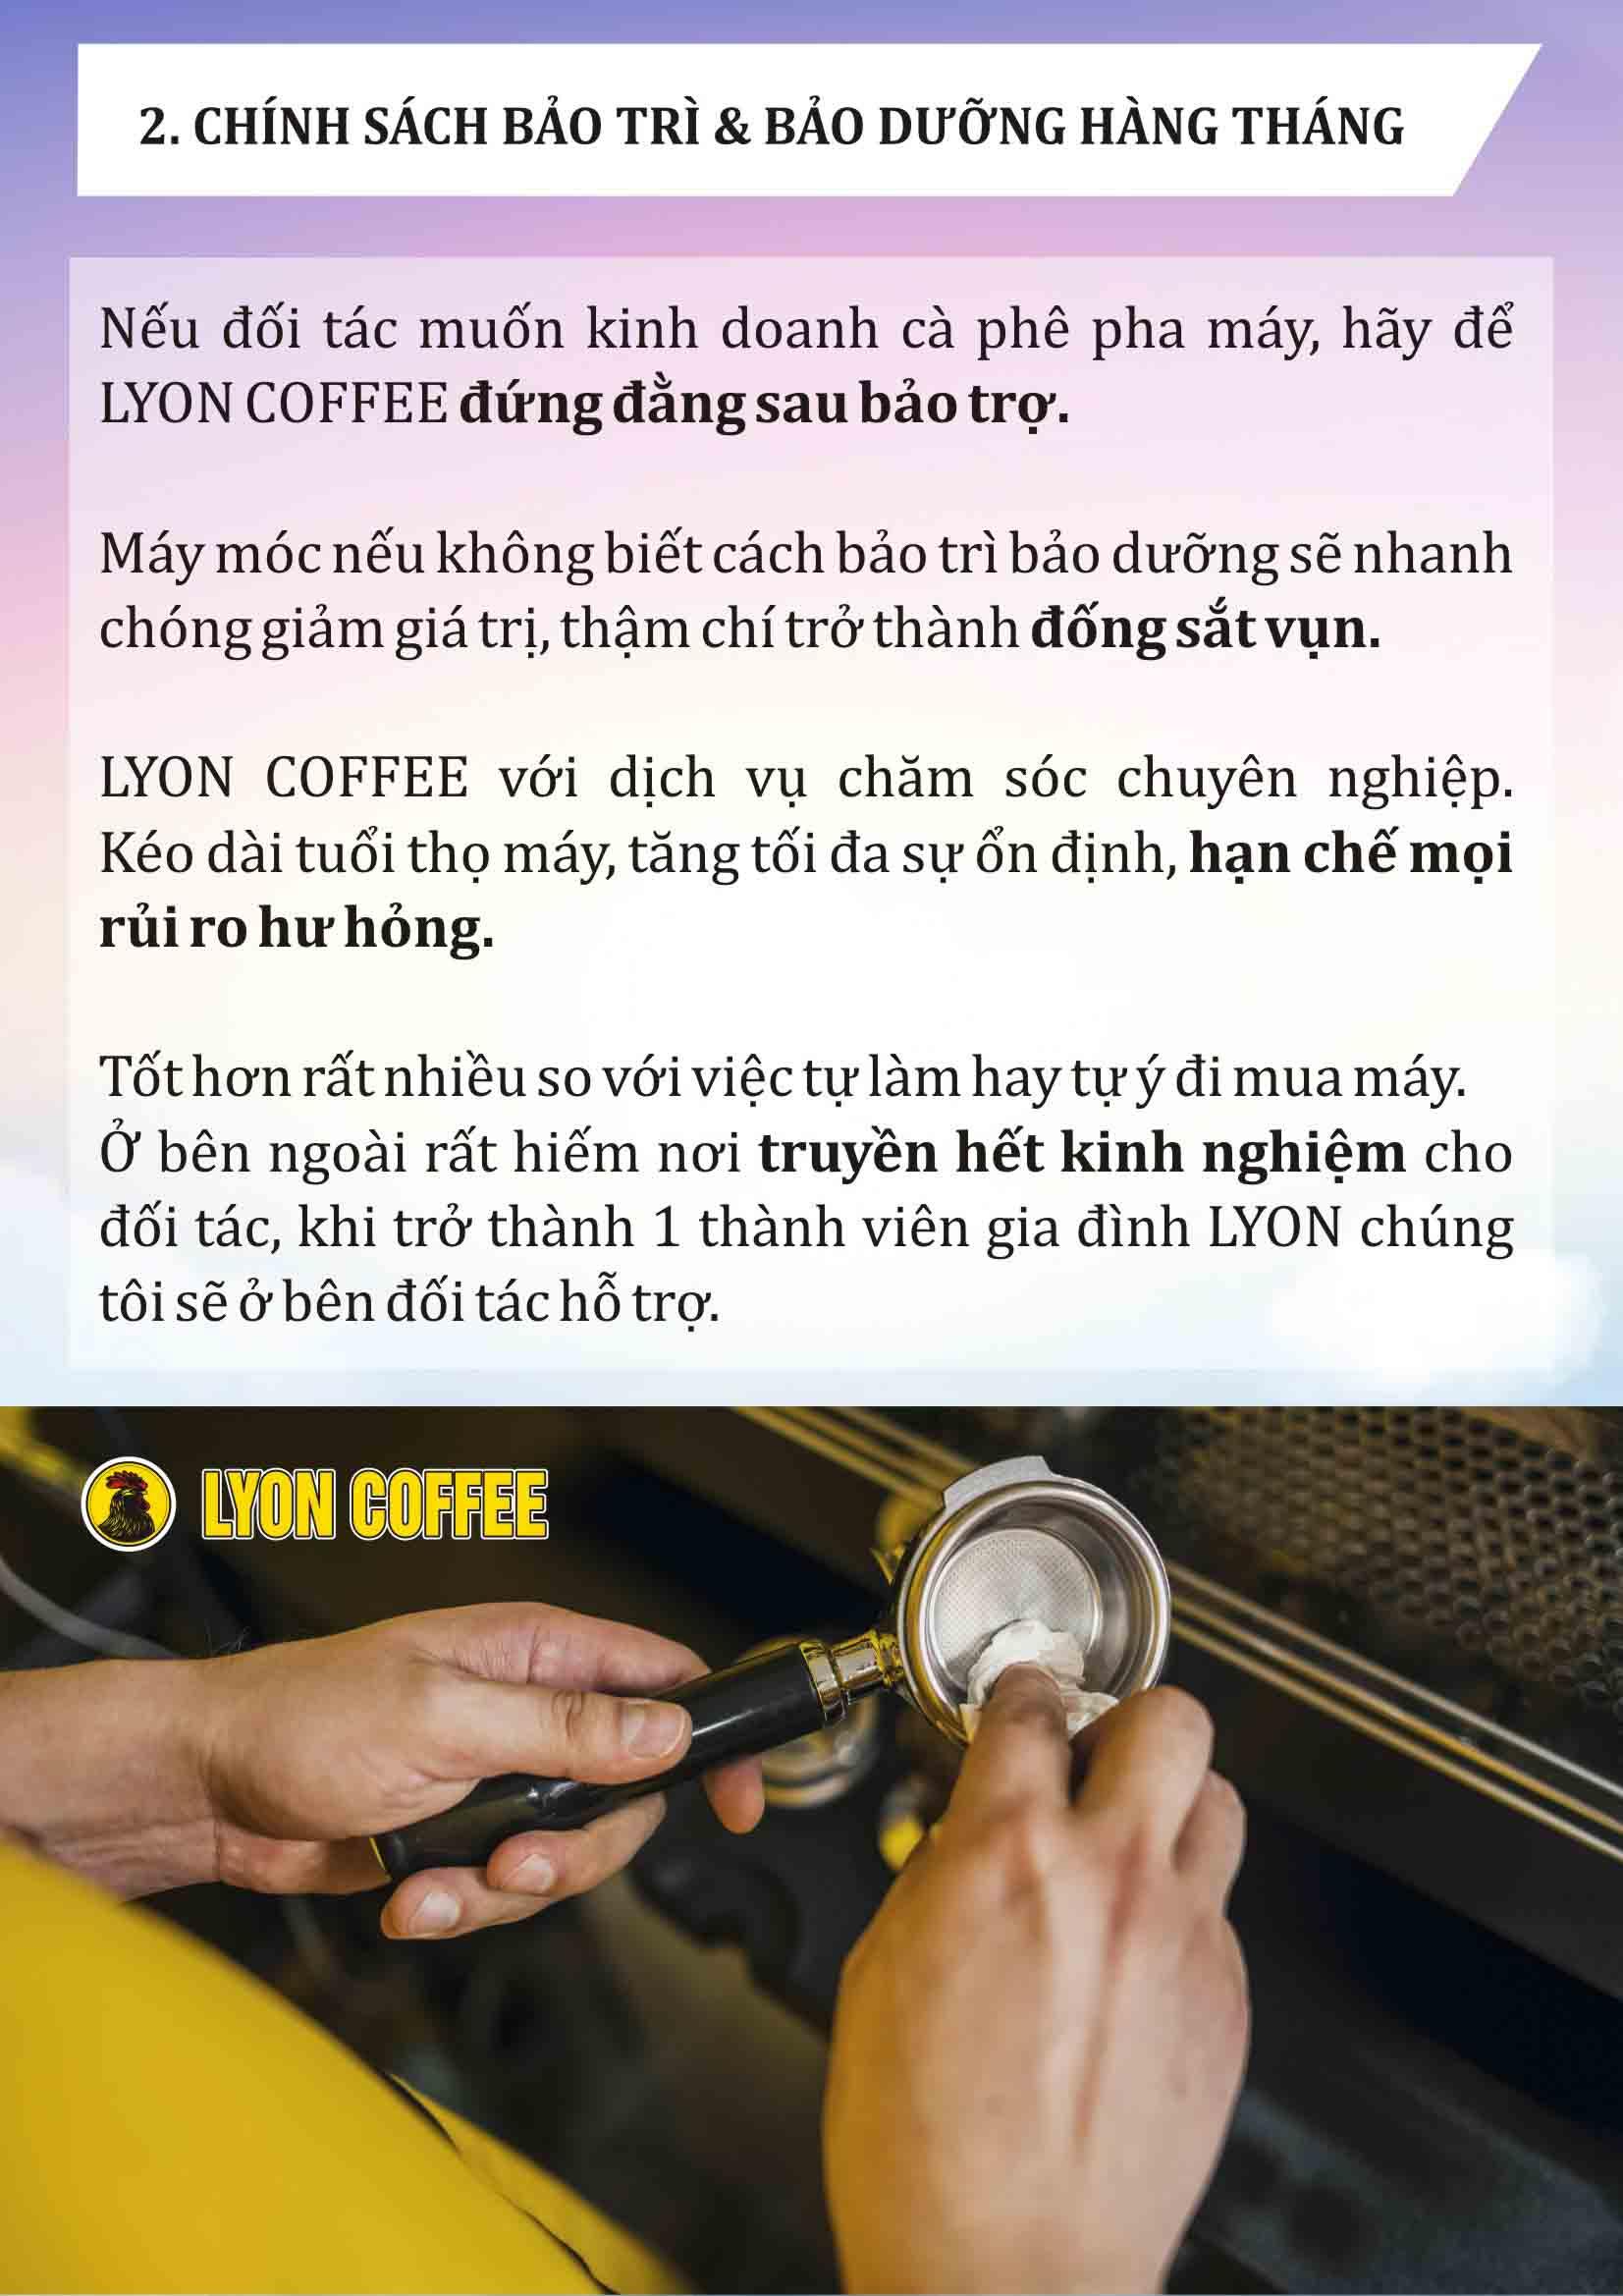 Mua máy pha cafe espresso ở đâu có chính sách bảo trì bảo dưỡng thiết bị máy móc